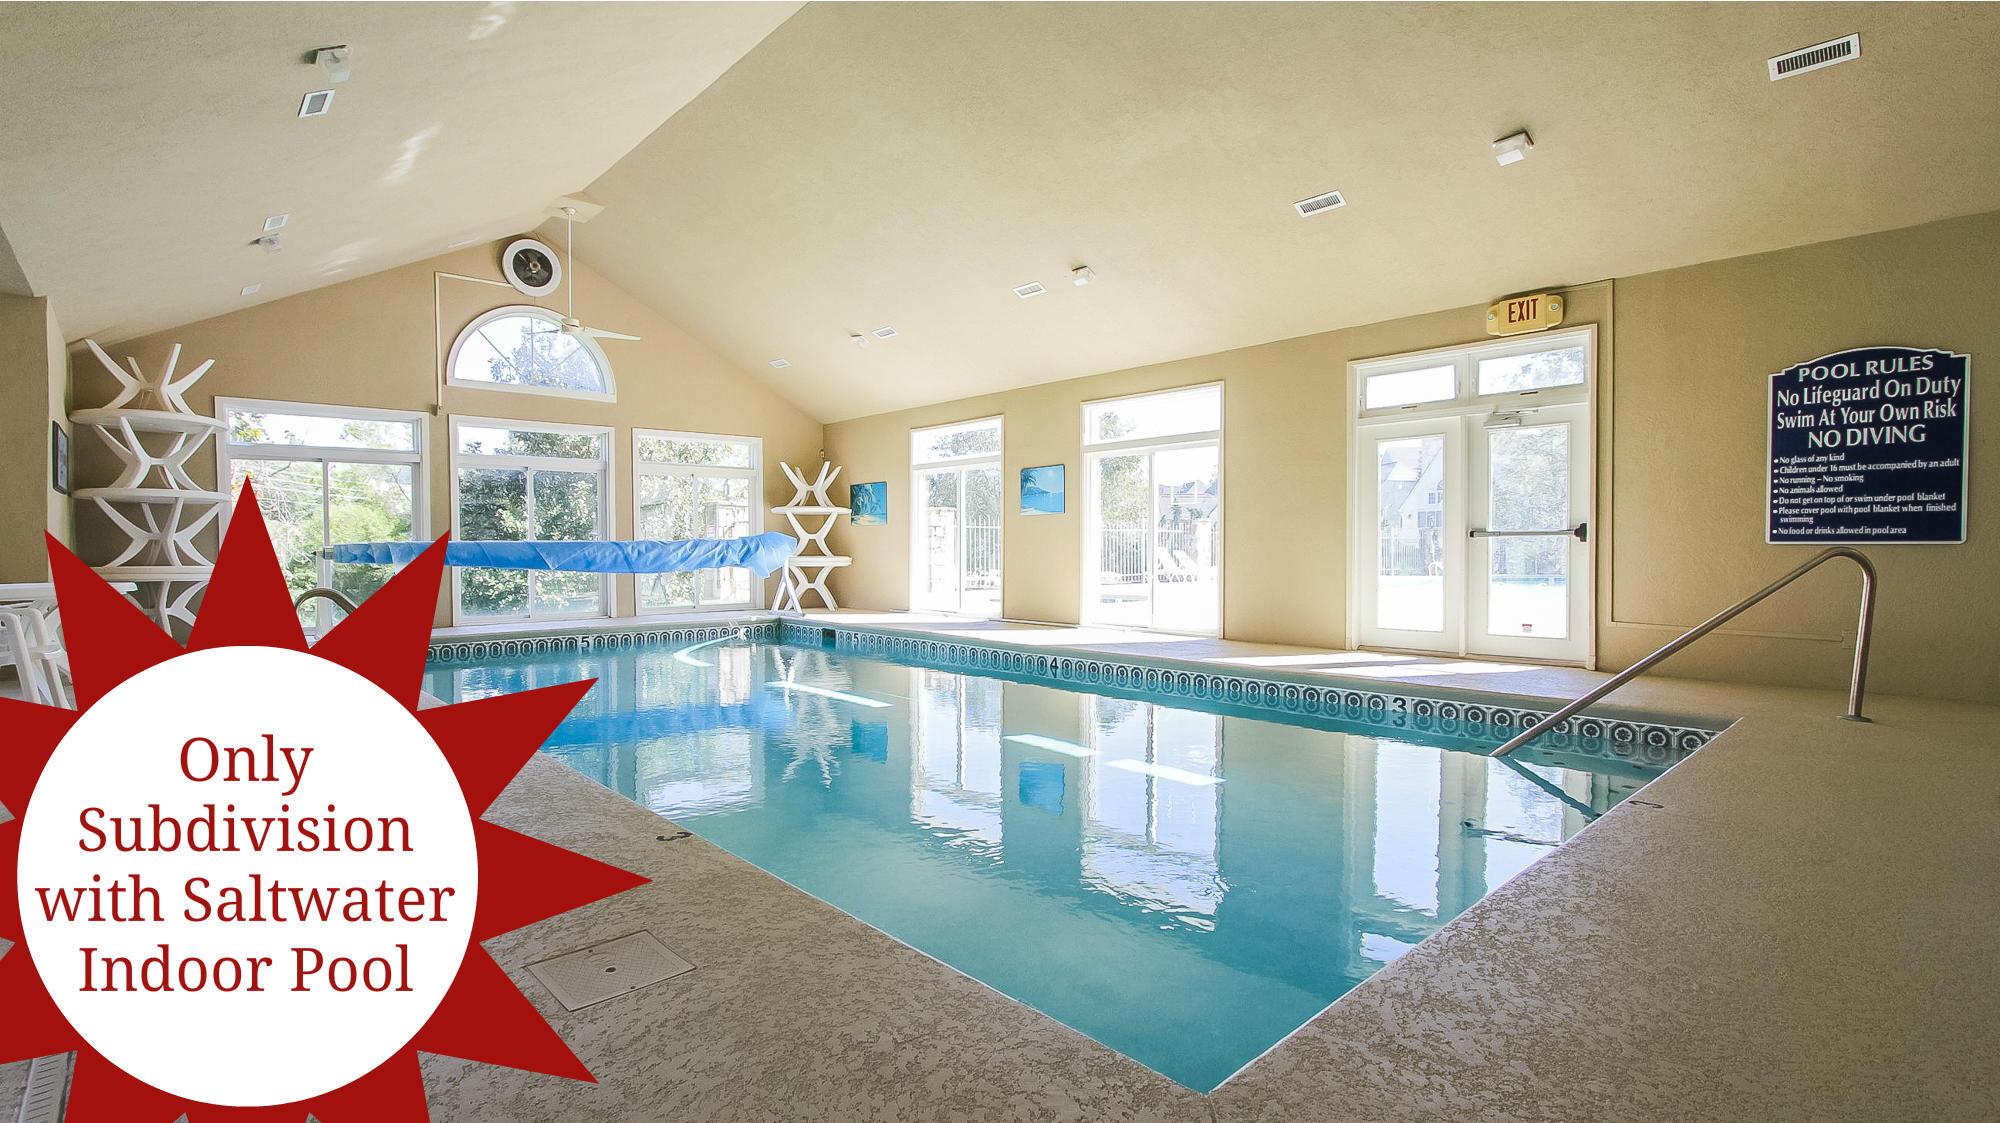 River Sound Indoor Pool